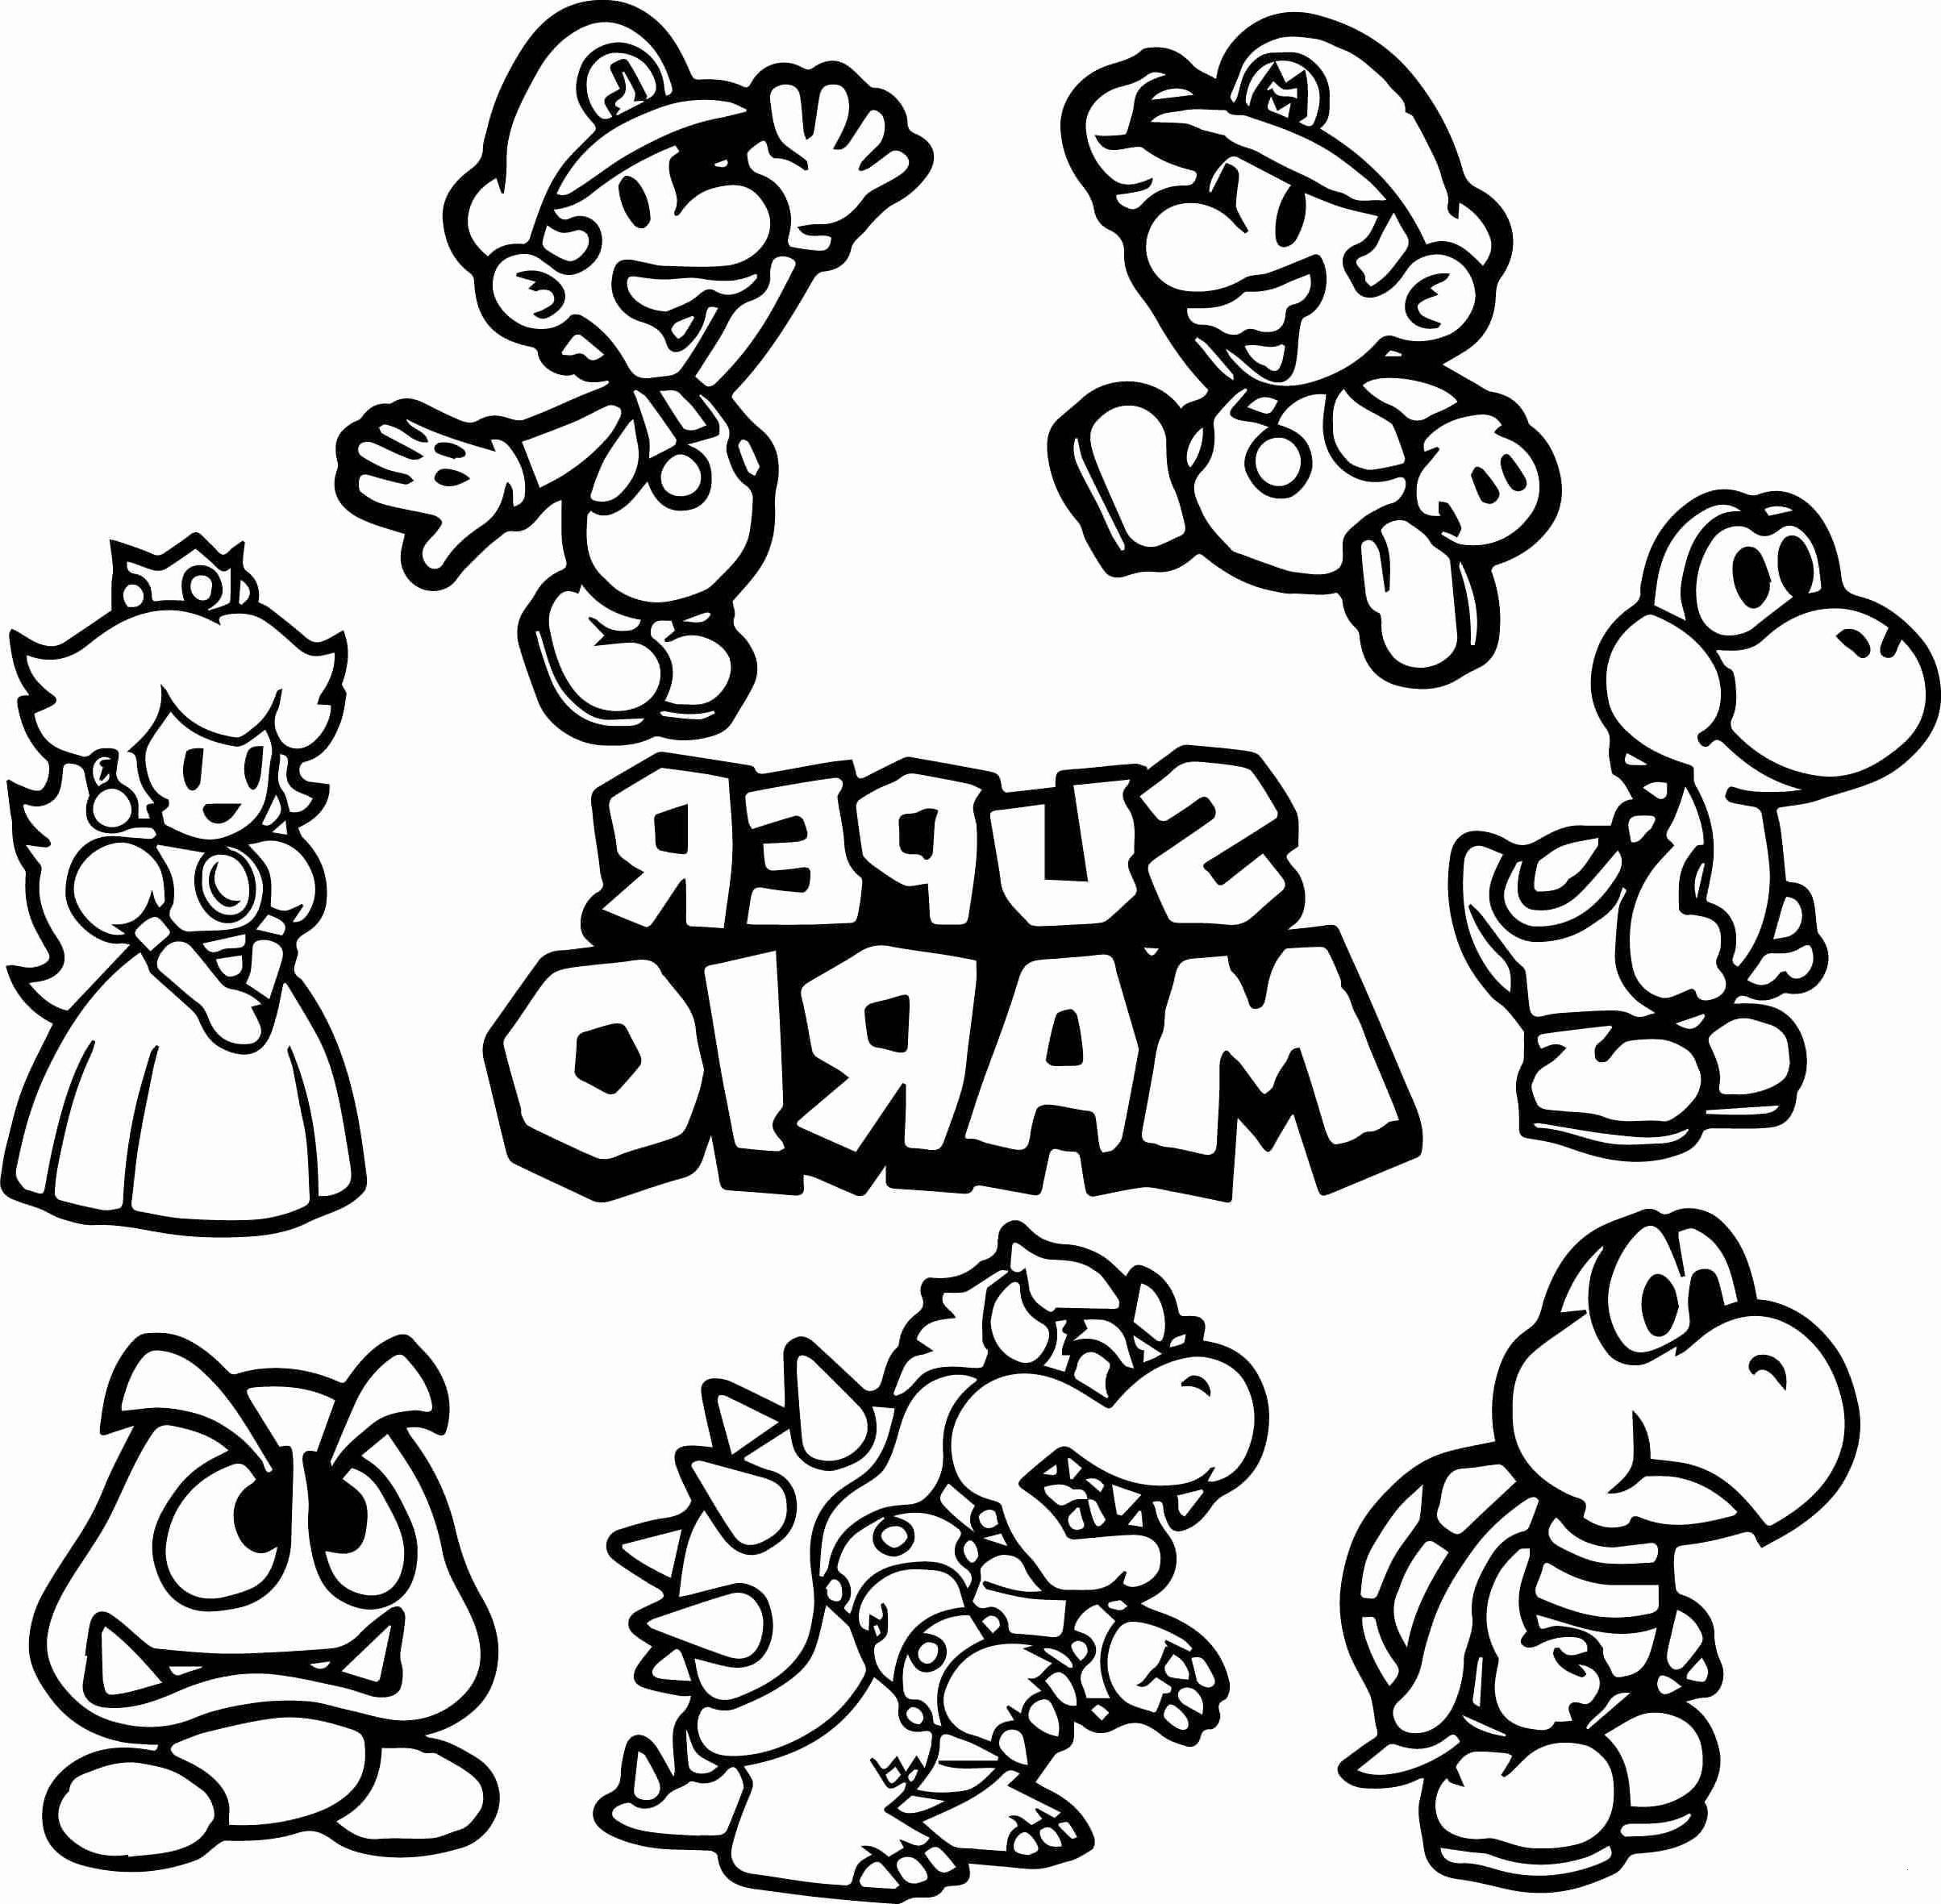 Ausmalbilder Mario Kart Einzigartig 28 Inspirierend Ausmalbild Super Mario – Malvorlagen Ideen Bilder